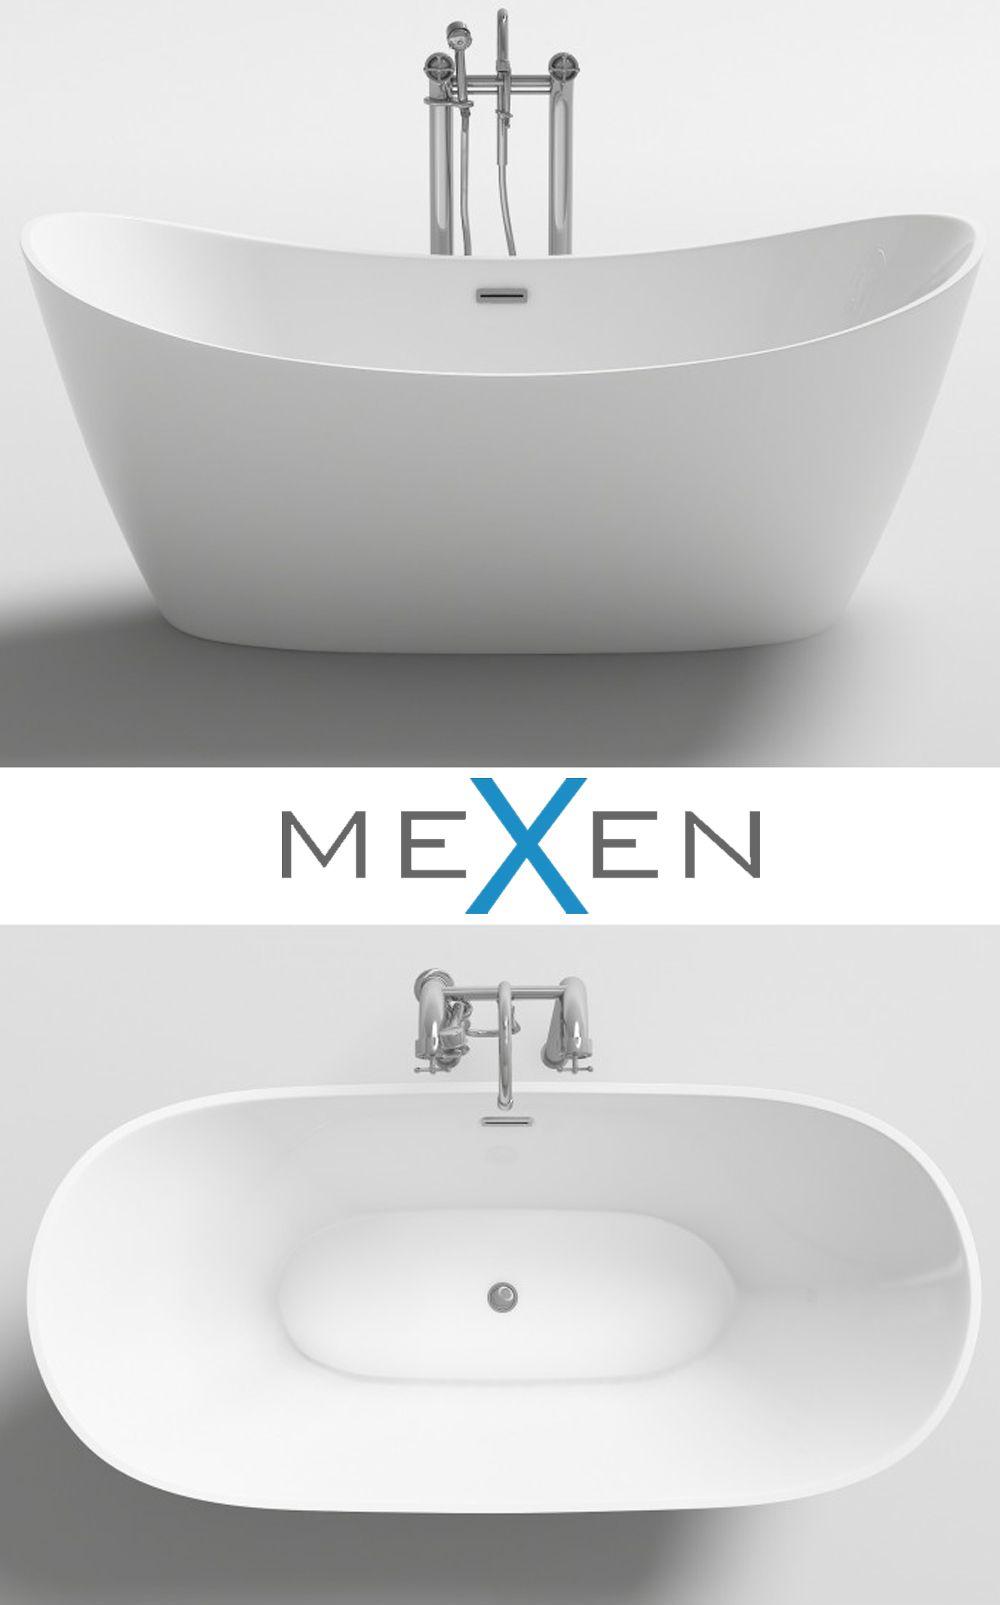 Idealna Do Kazdej Stylowej Lazienki Mexen Montana Wanna Wolnostojaca Biala In 2020 Bathtub Bathroom